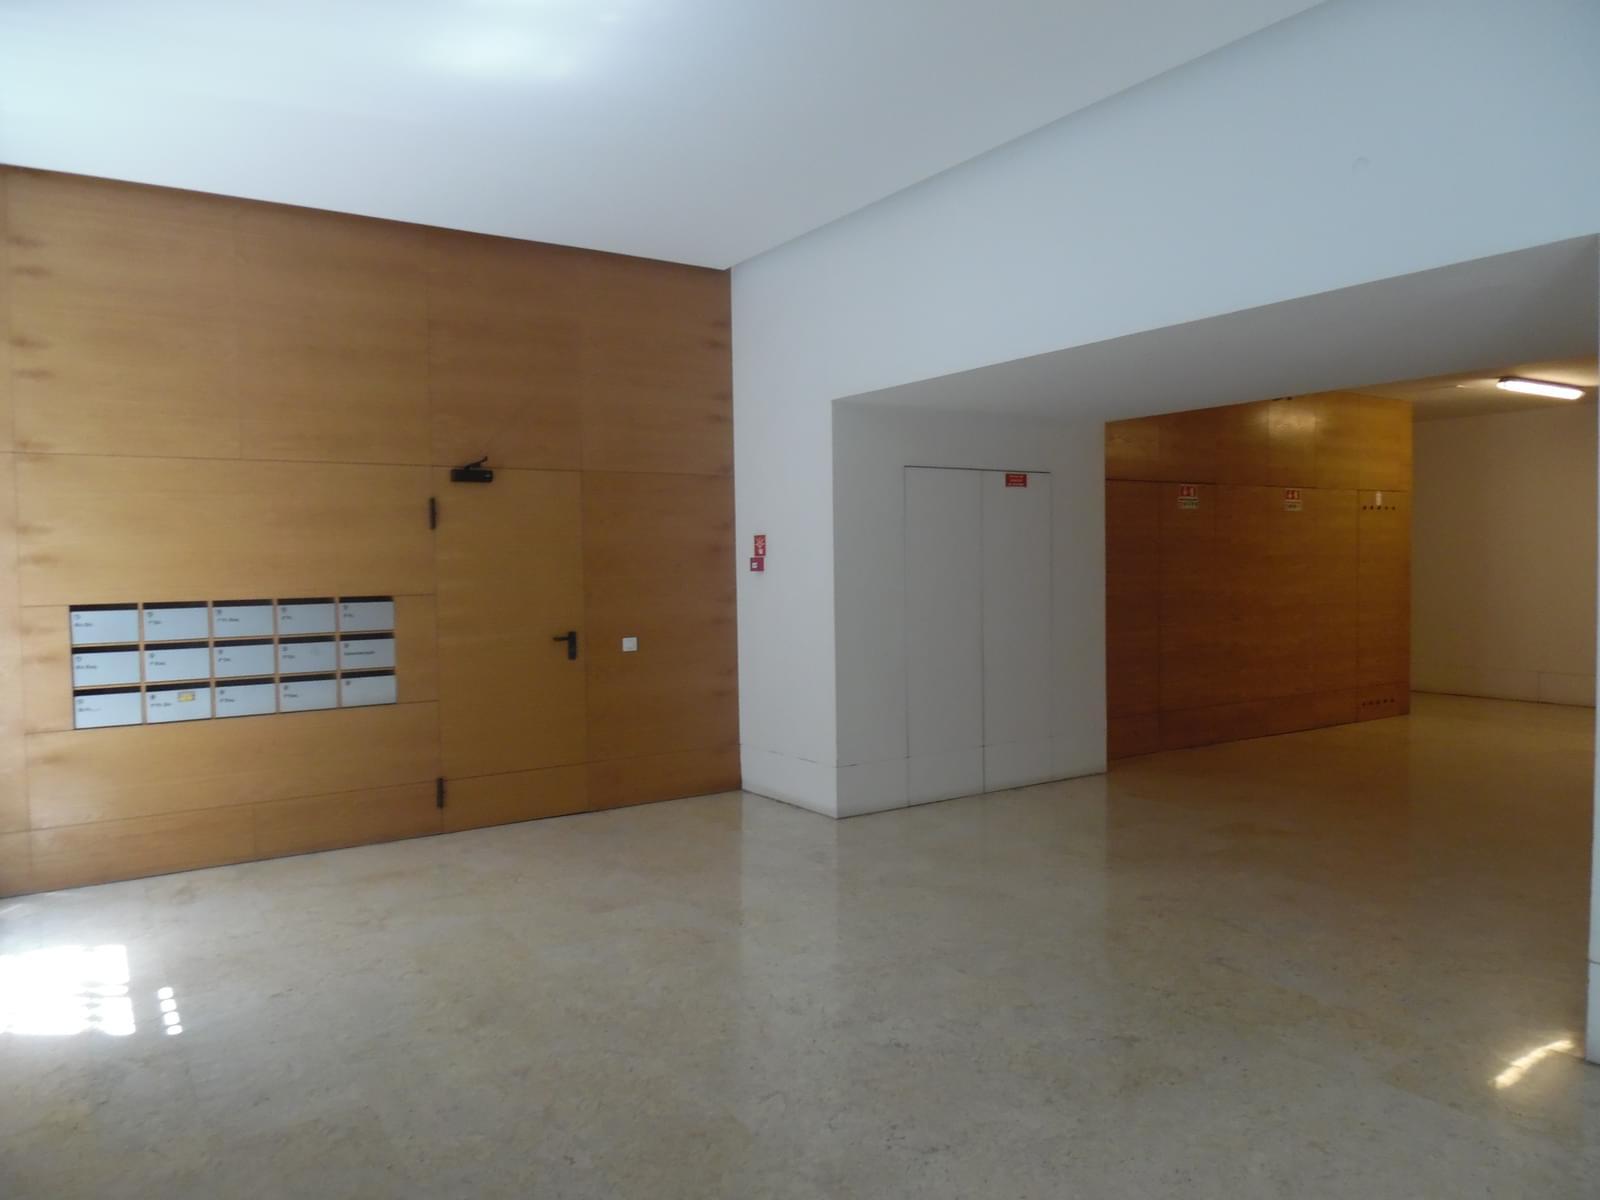 pf17454-apartamento-t4-lisboa-4b8d72ce-f42c-432c-aad5-9042722f89d3